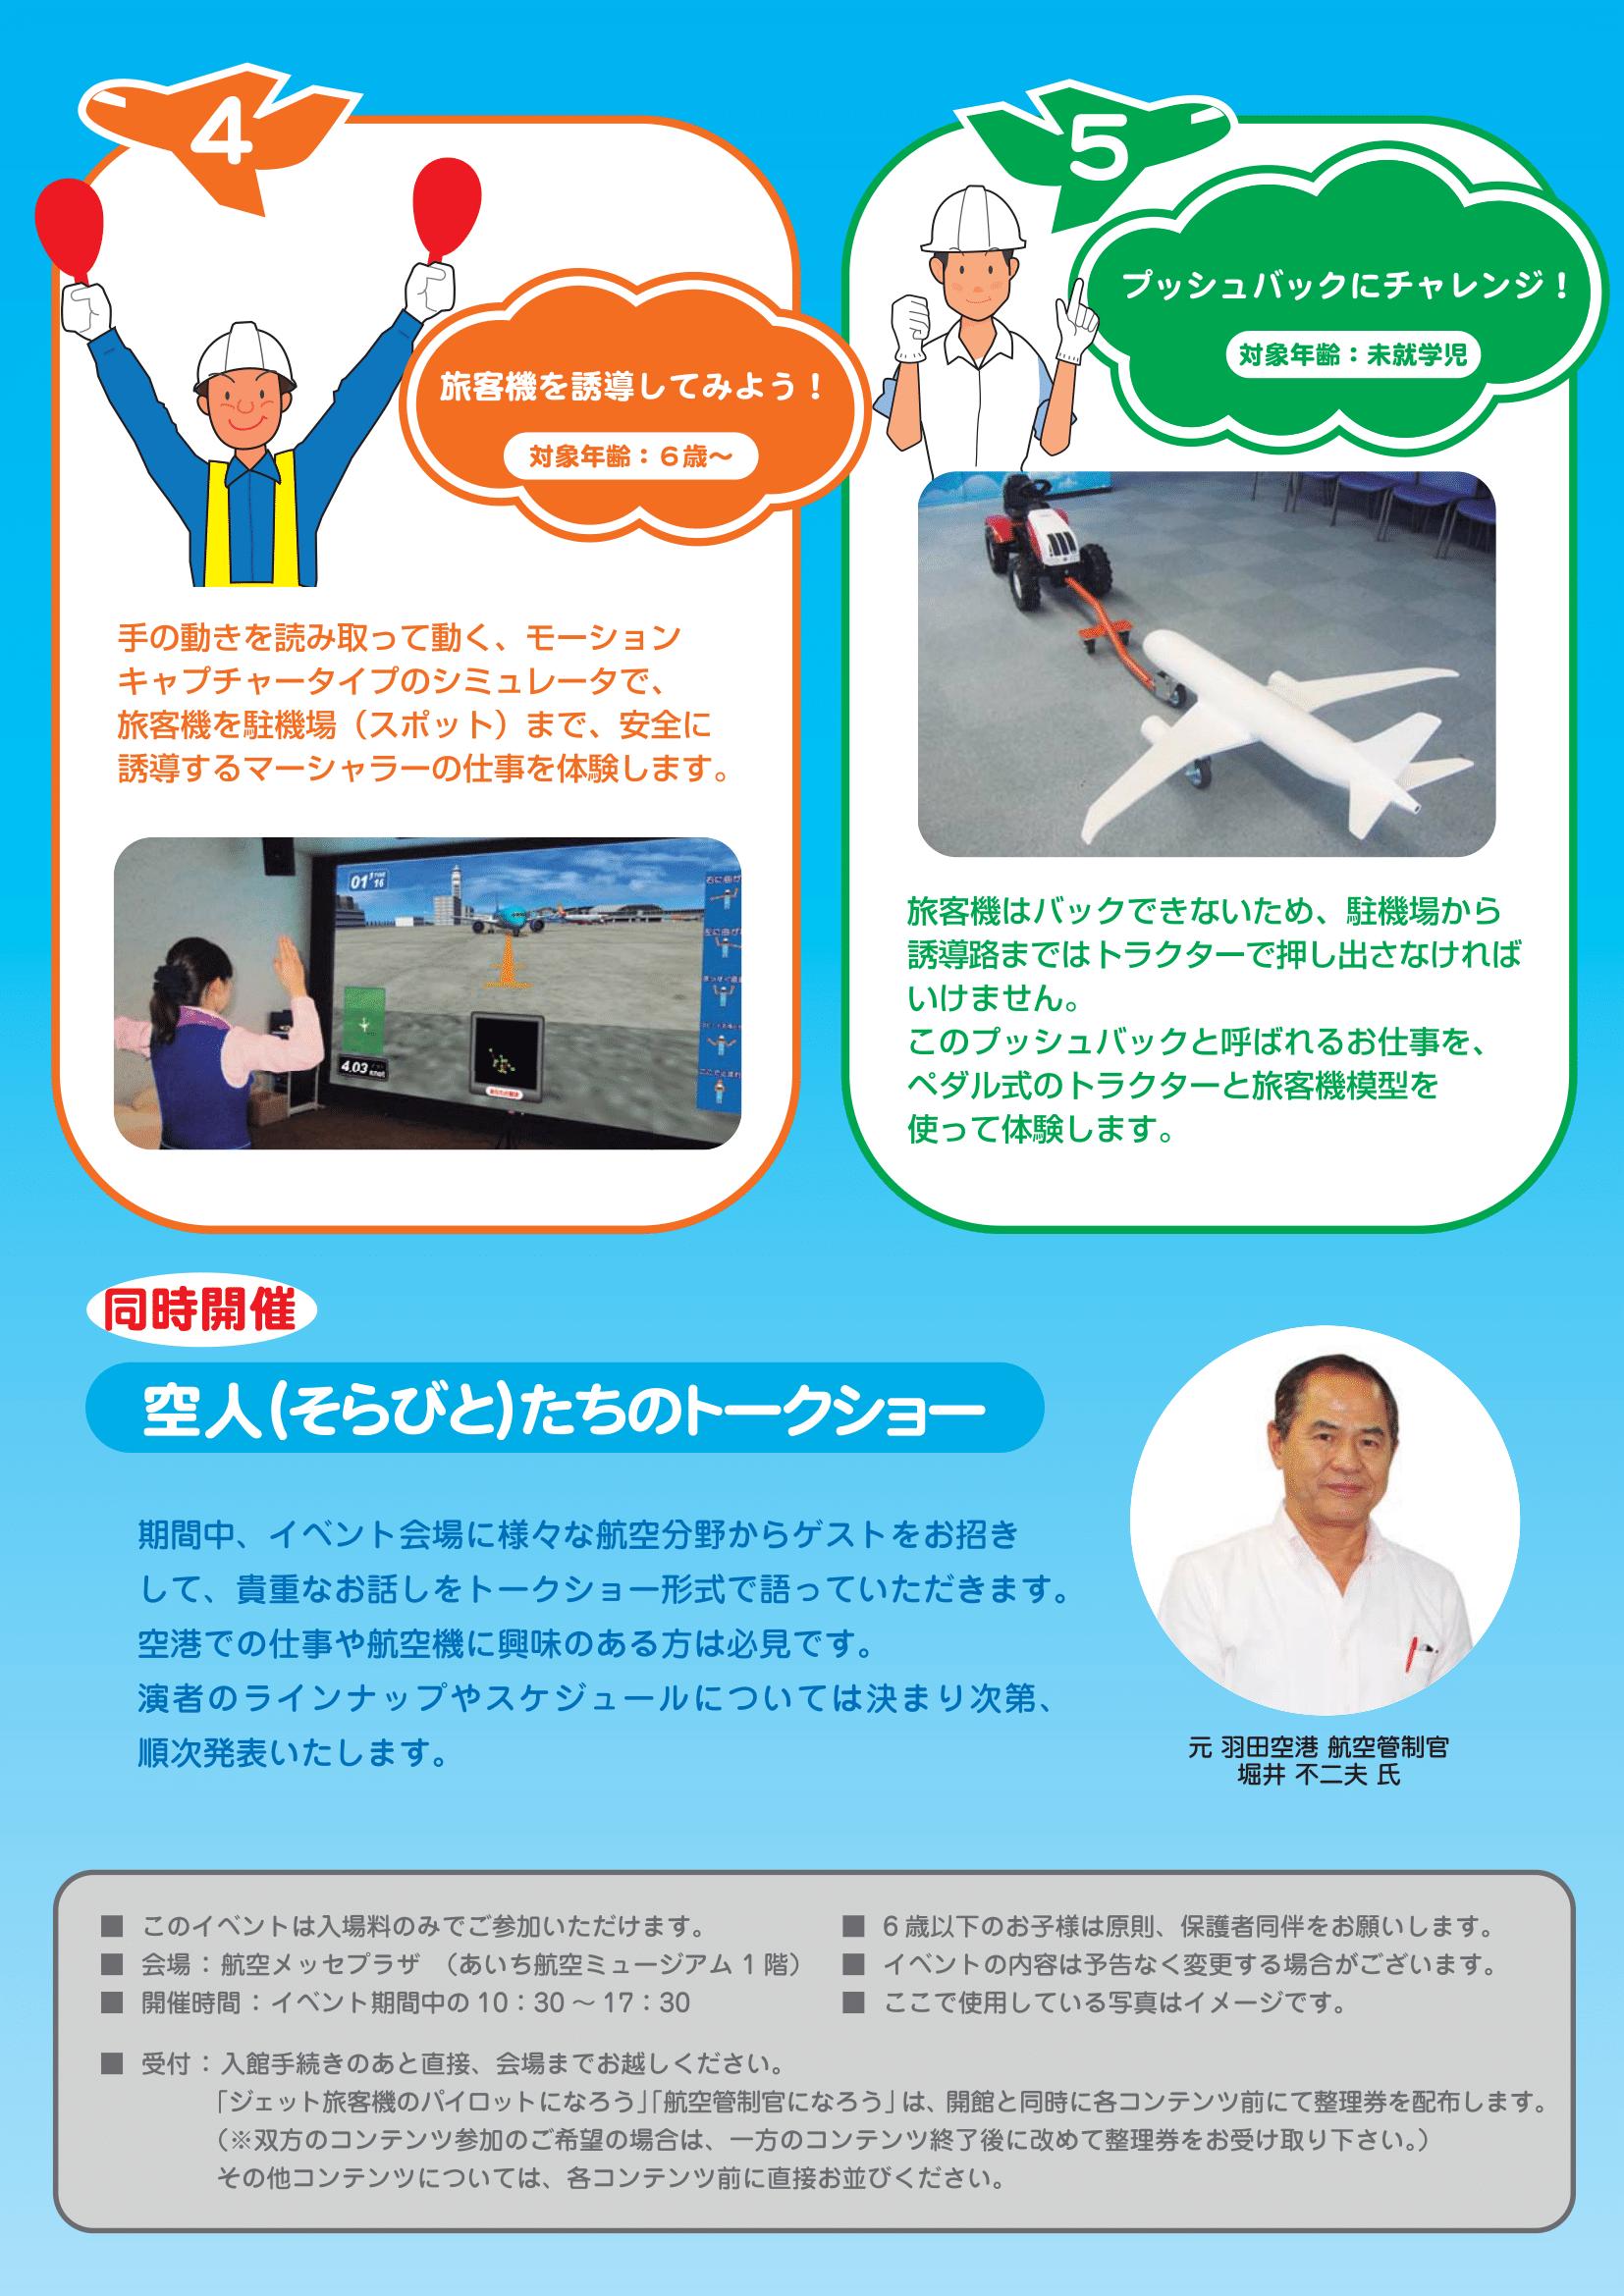 夏イベント詳細チラシ案2-2.png